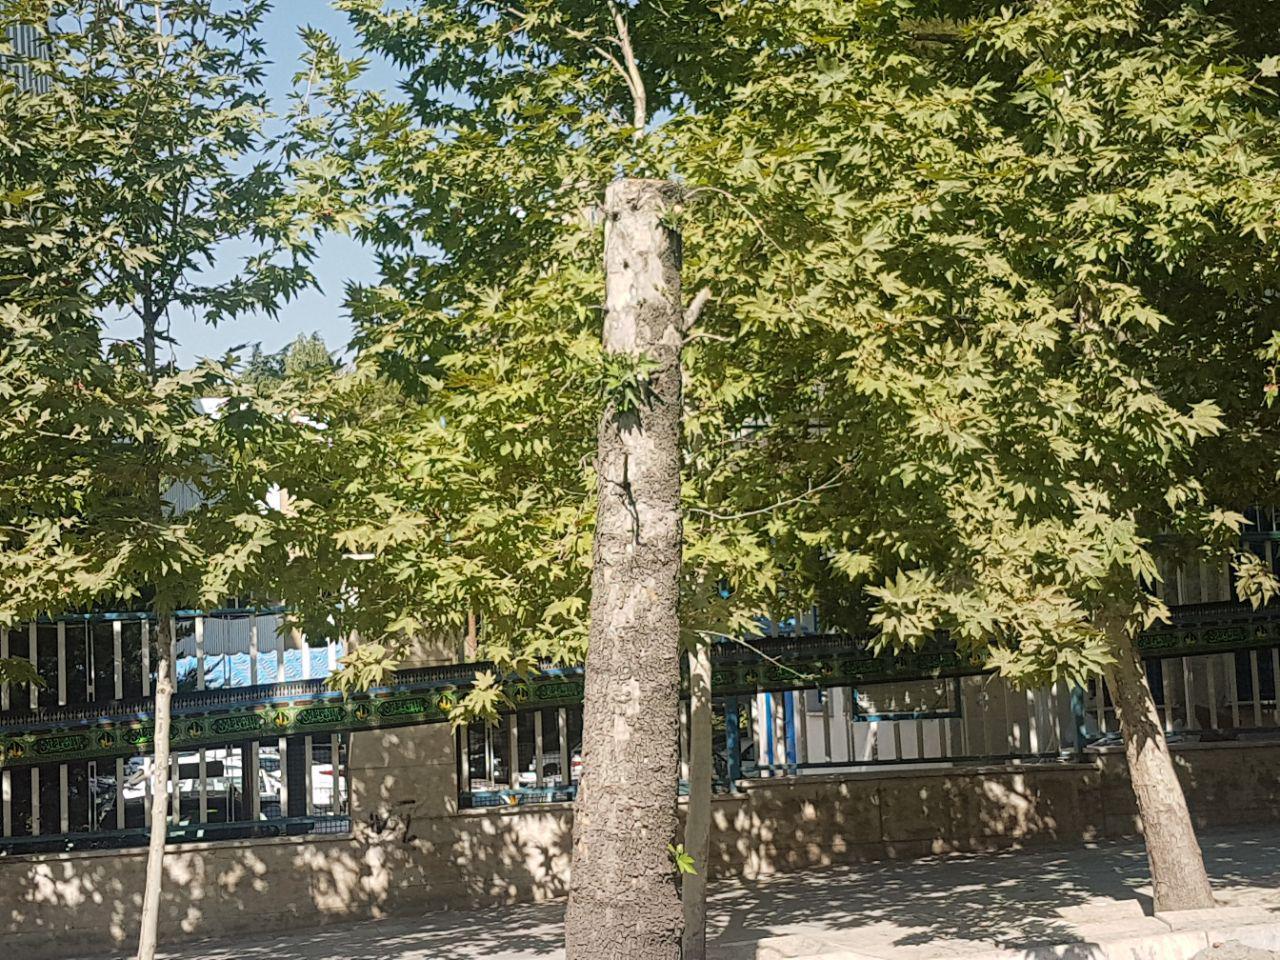 جای درختانی که به علت خشکیدگی قطع شده بودند، با سیمان پُر شد